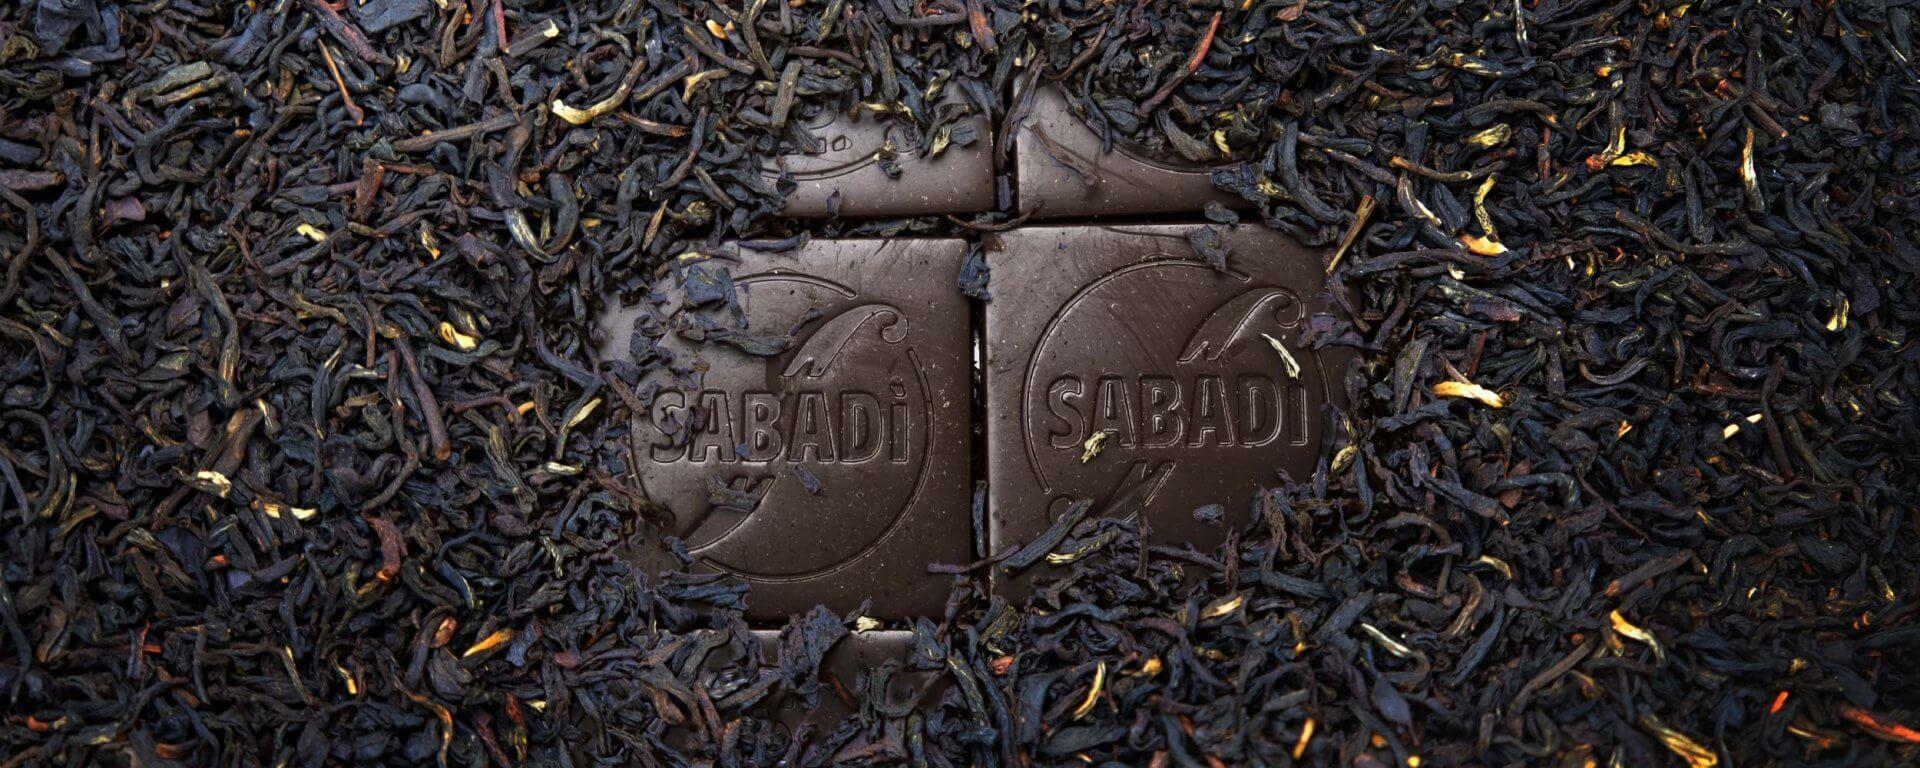 Bao bì mới của thương hiệu chocolate Sabadì